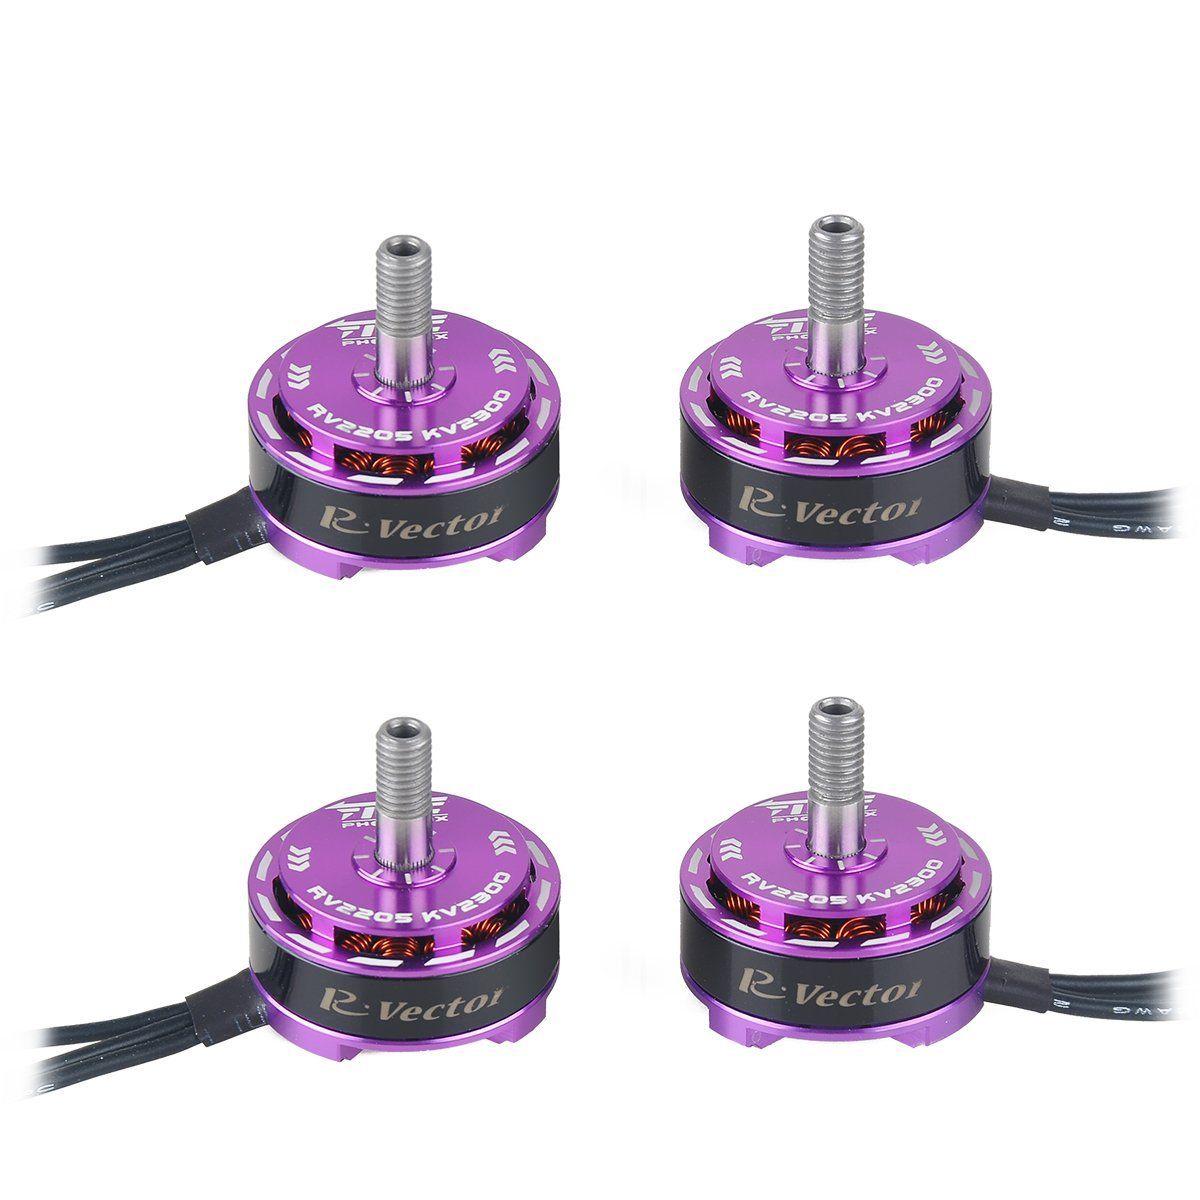 2205 Moteur Brushless 2300KV/2500KV Violet/Rouge FEU PHONENIX 4 pièces 2205 Moteur pour FPV QAV250 RC Drone quadrirotor Multirotor